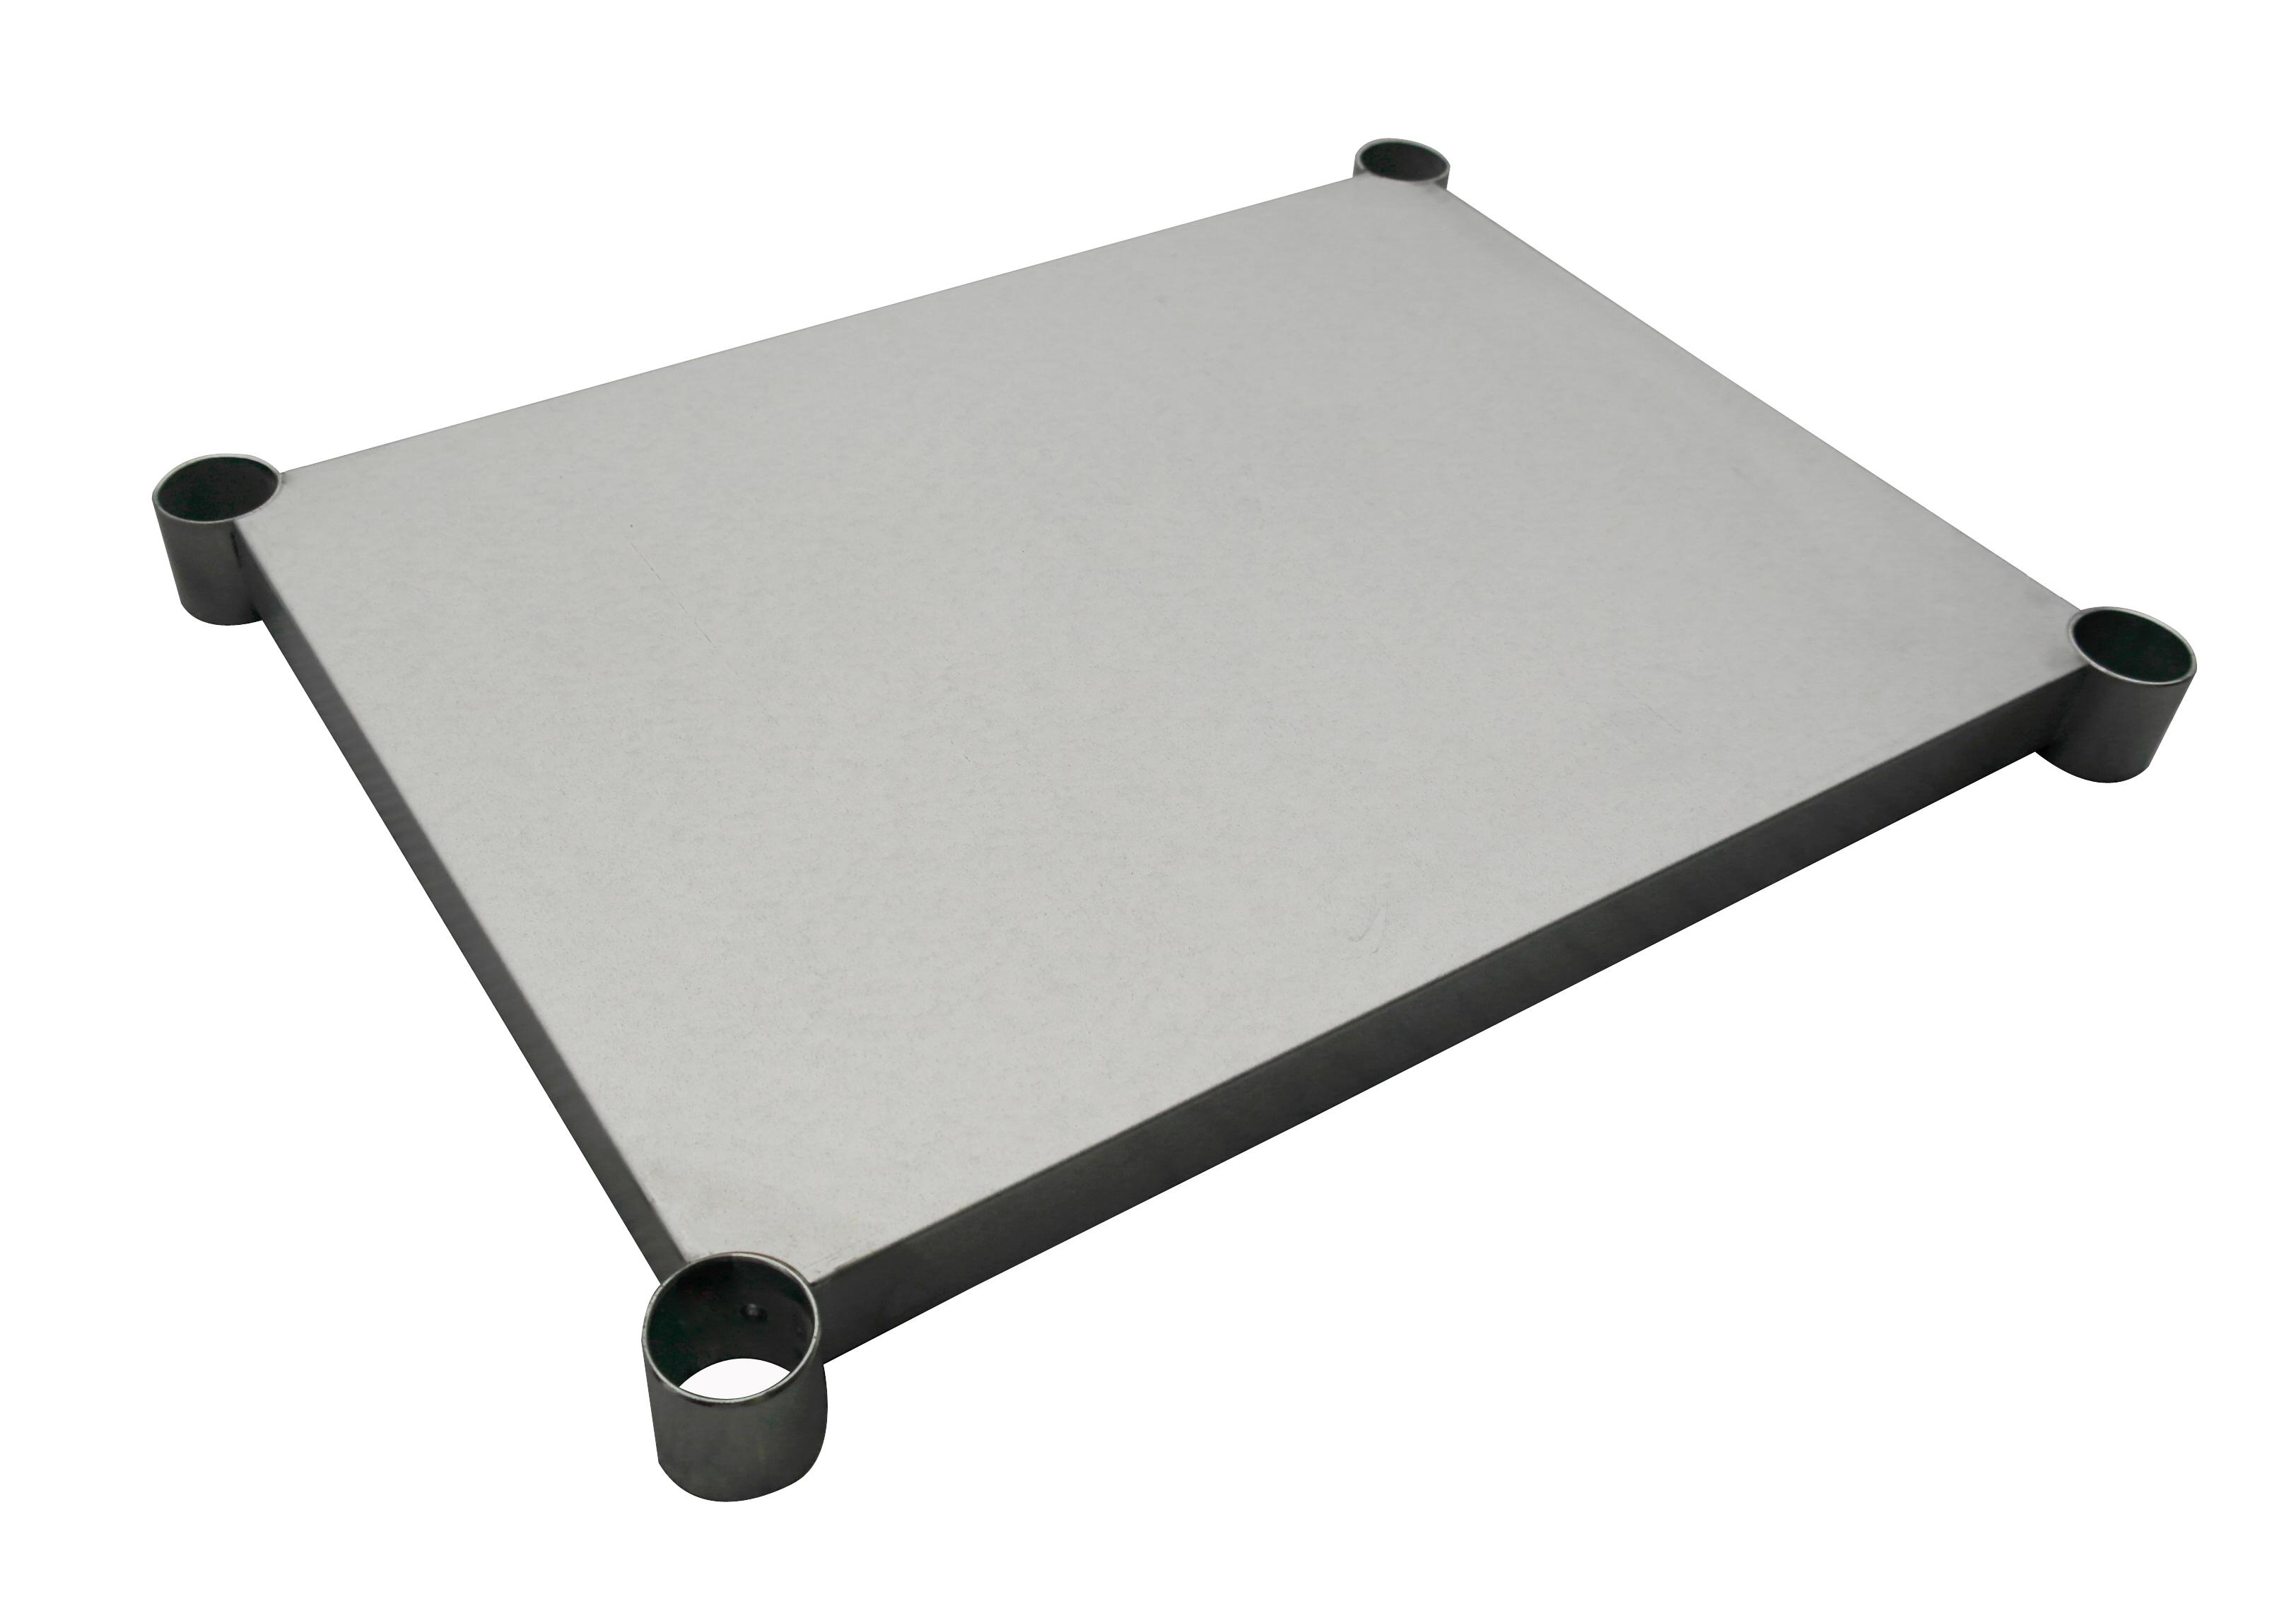 Image of Atlantic Metalworks STT-2430-US - 24x30 Stainless Steel Undershelf